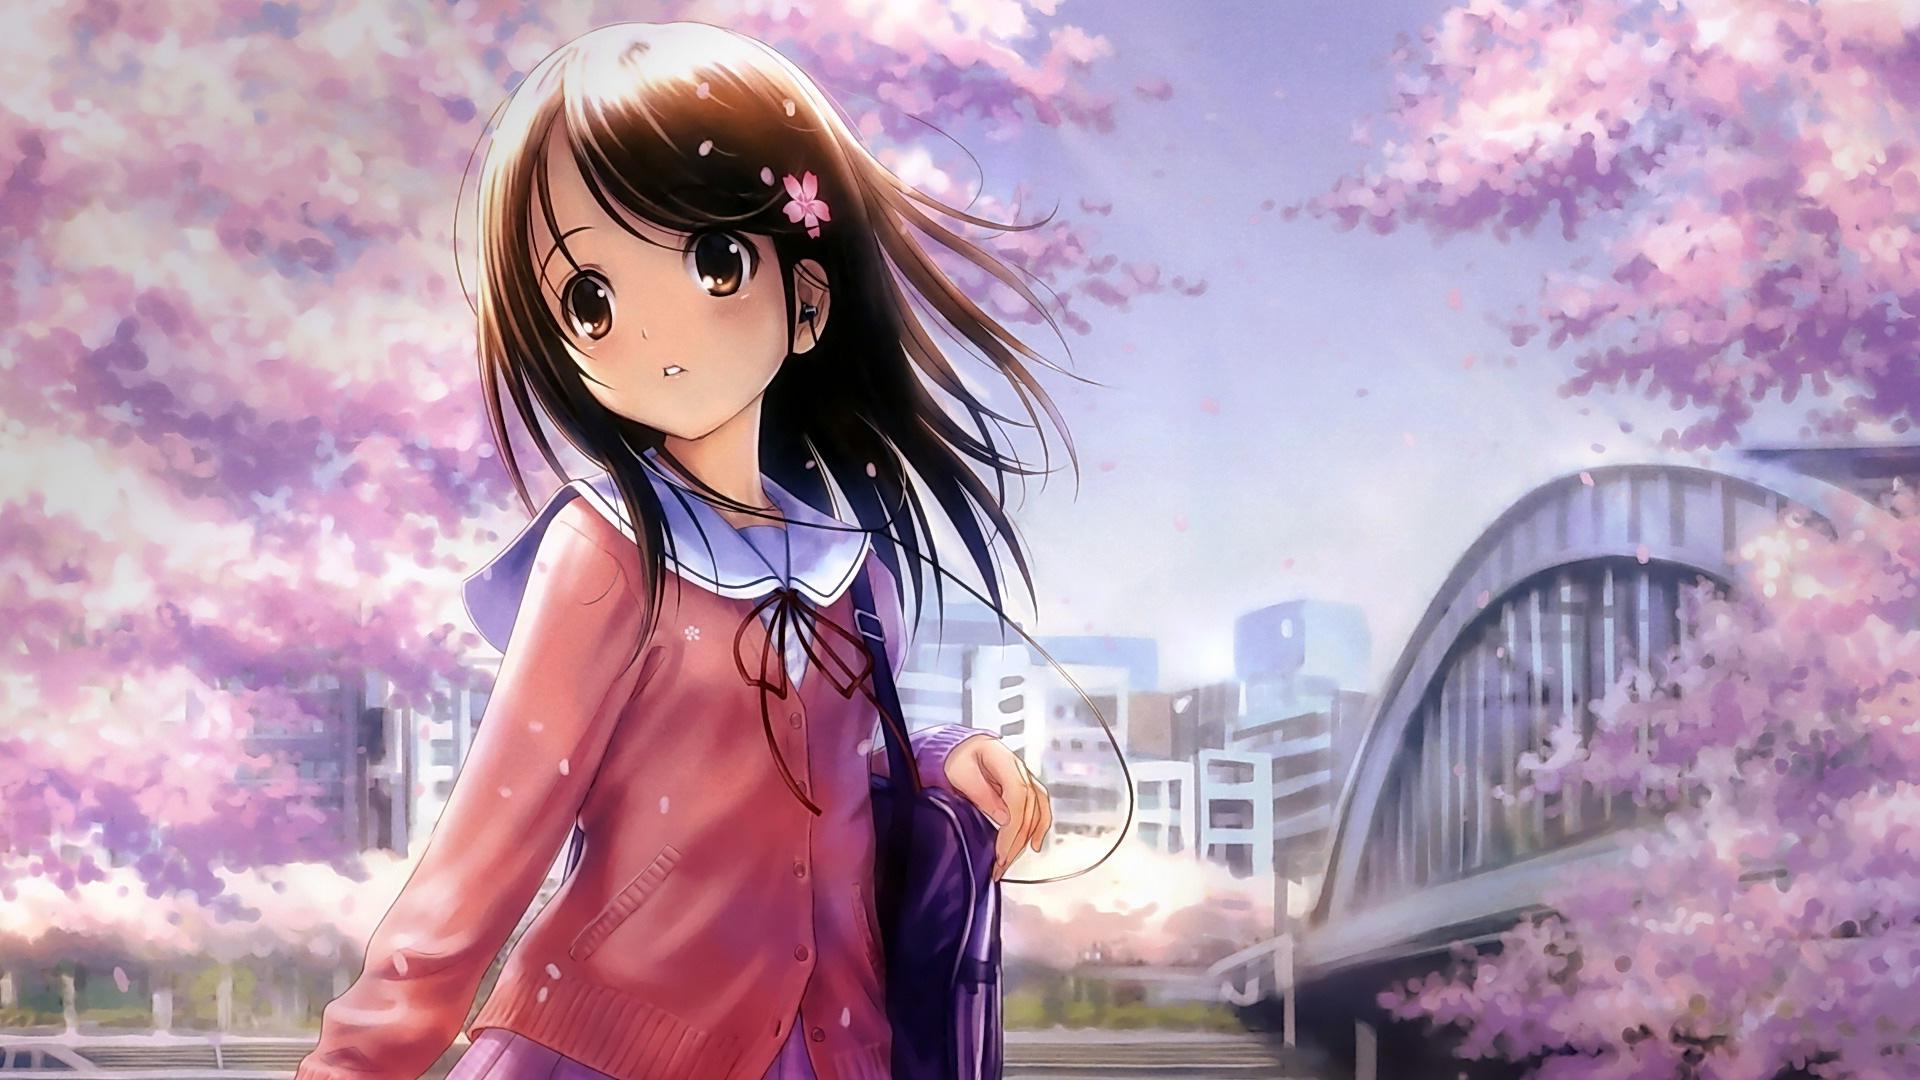 47 ] Hd Anime Wallpapers 1080p On WallpaperSafari